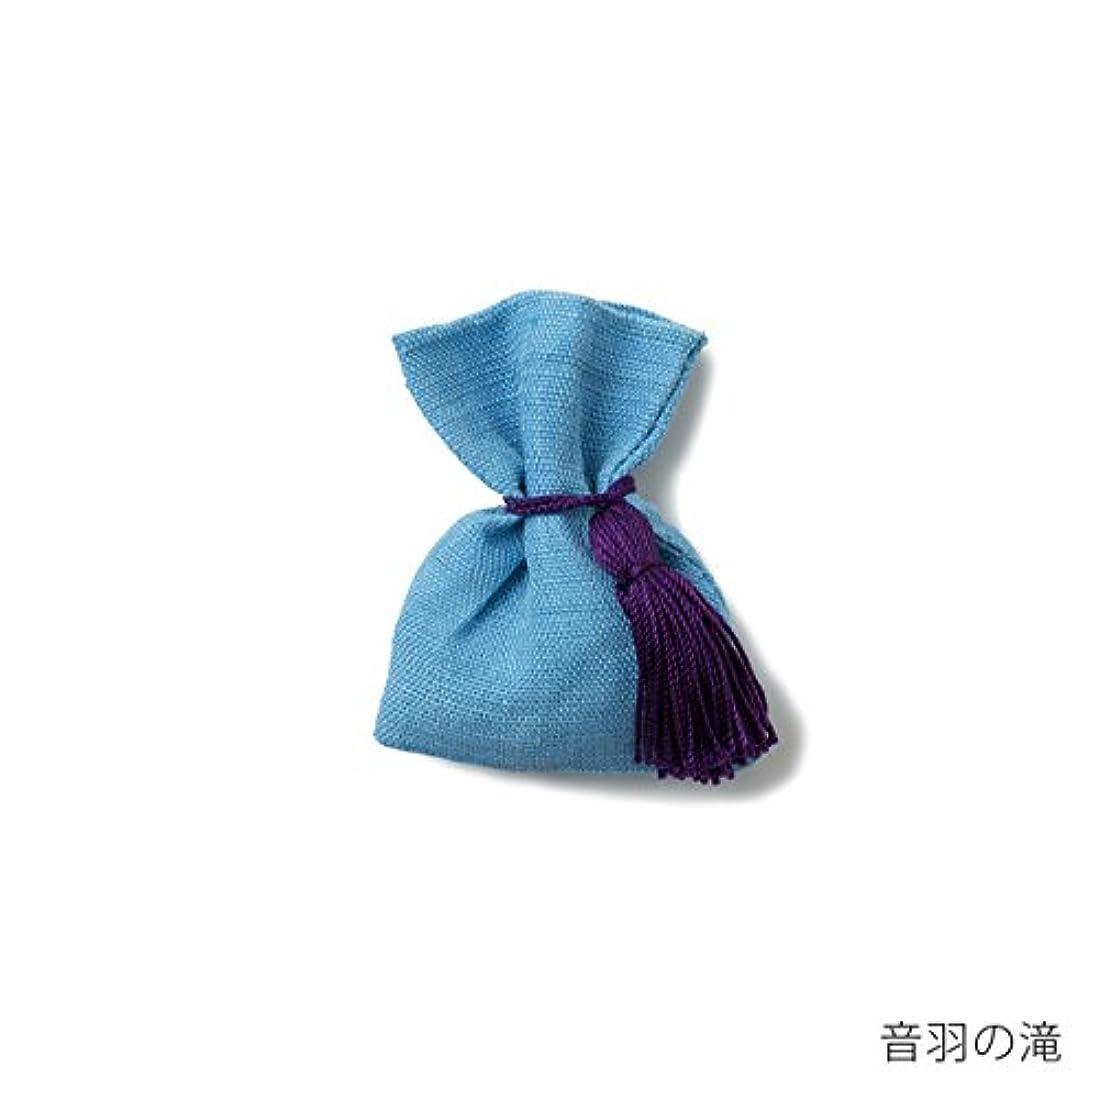 石鹸余韻健全【薫玉堂】 京の香り 香袋 音羽の滝